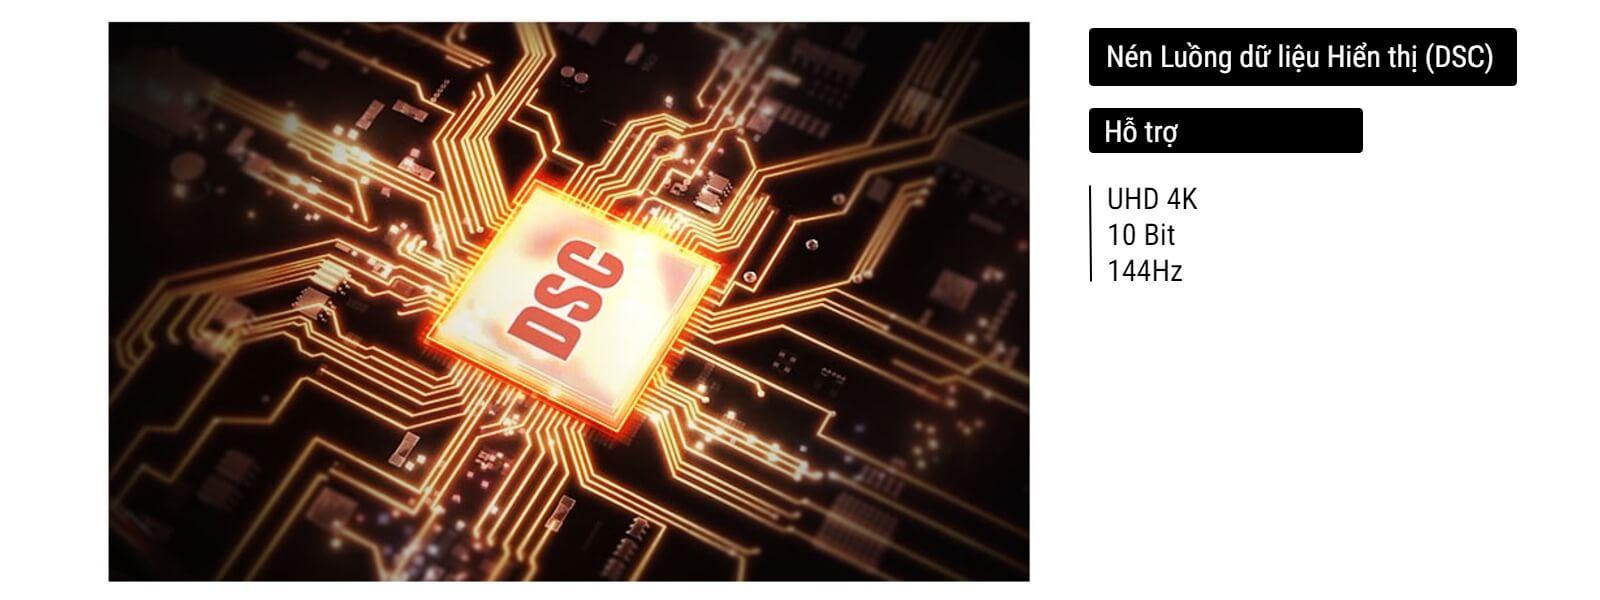 LG UltraGear 27GN950-B - 27inch UHD Nano IPS - HDR600- Gsync 144Hz